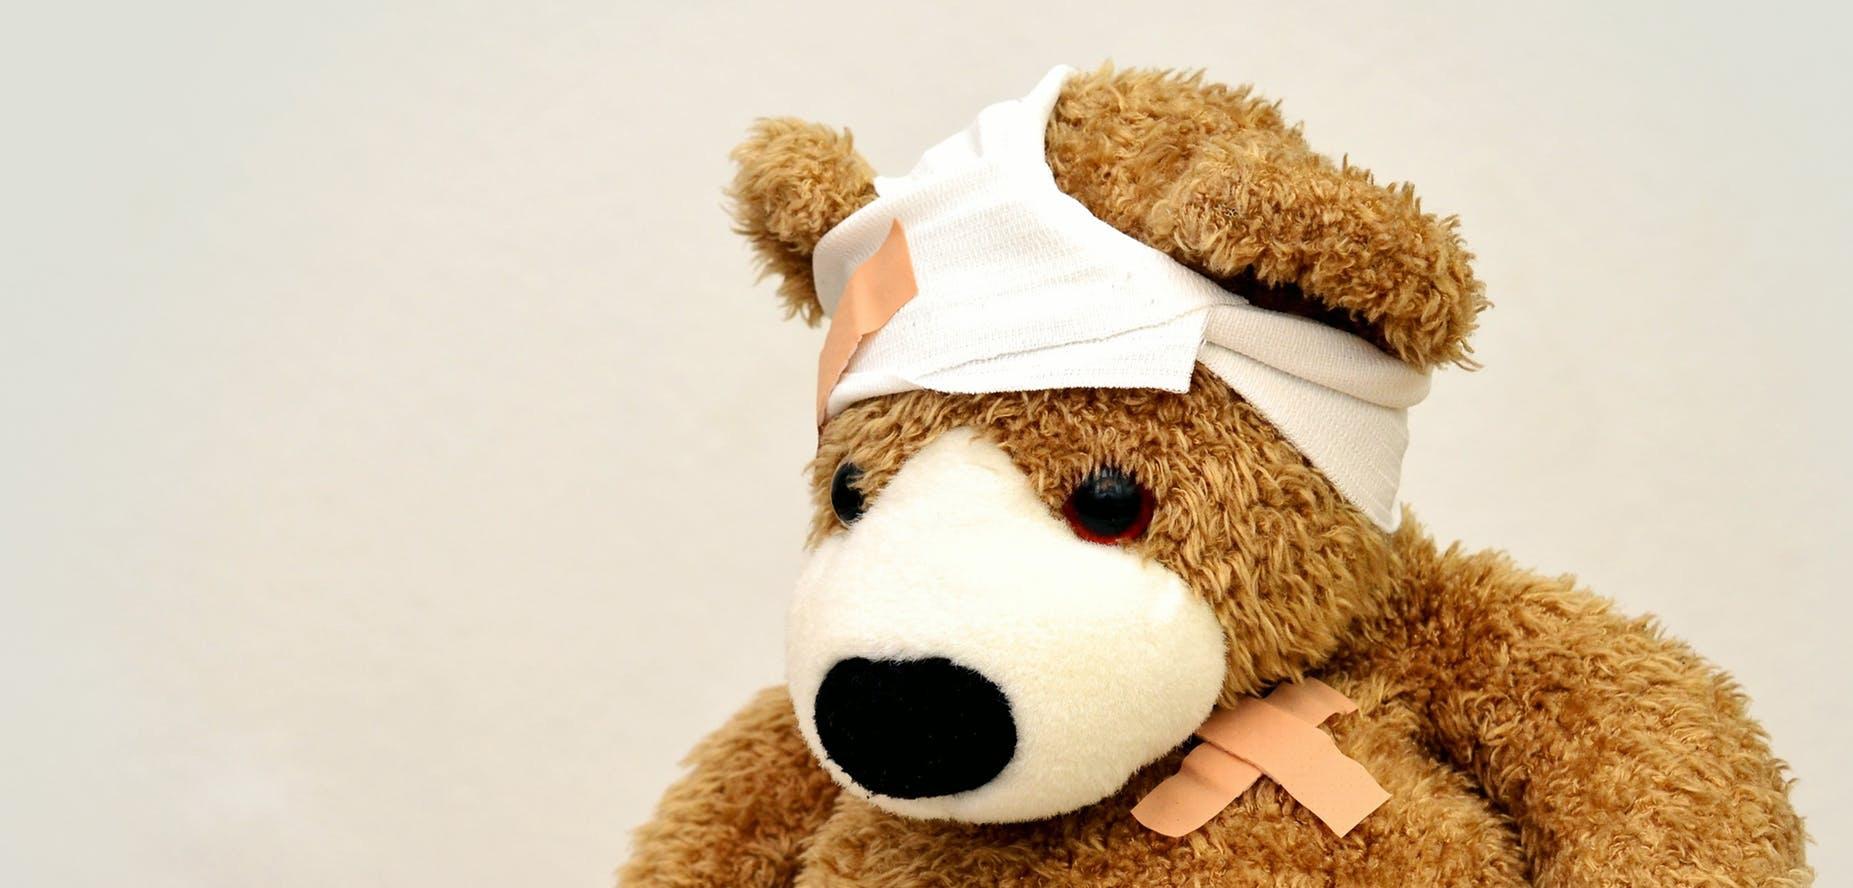 teddy-teddy-bear-association-ill-42230-1